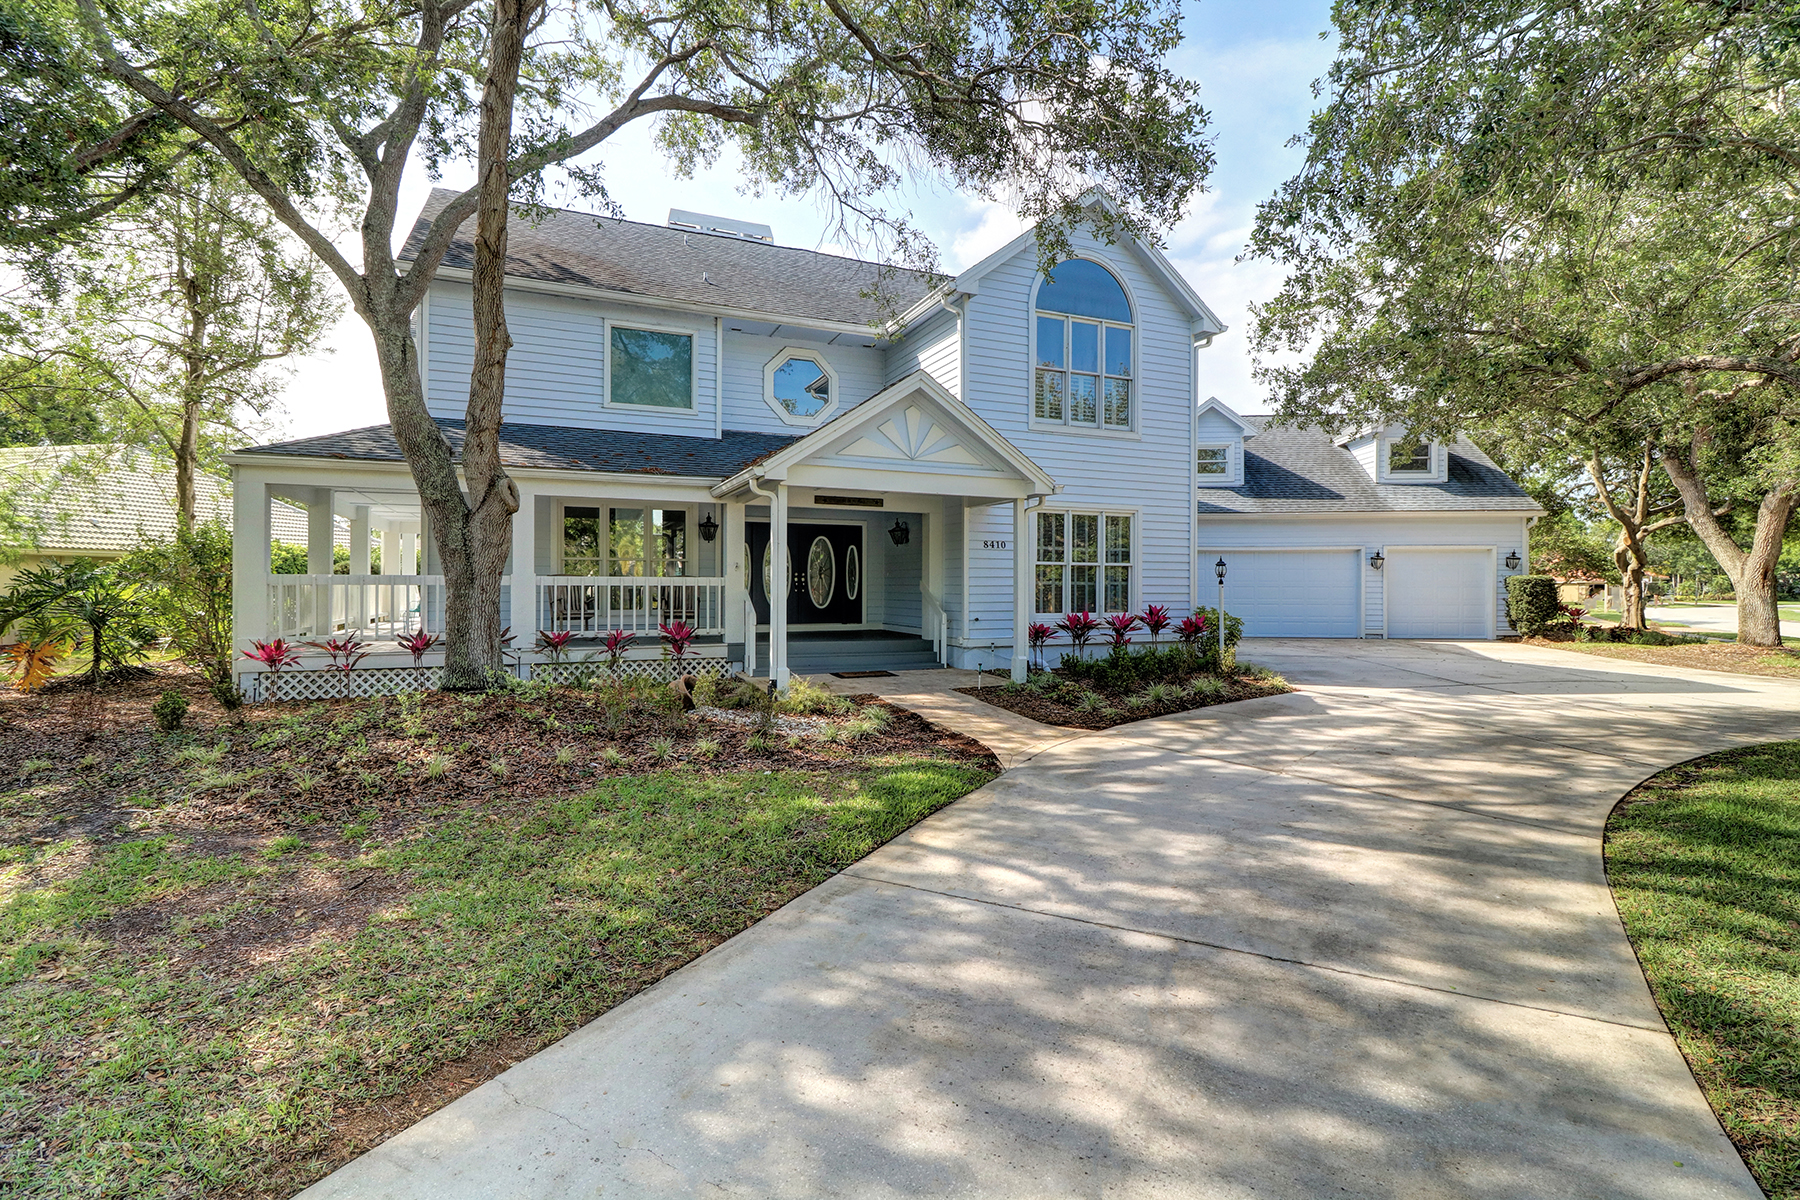 Casa Unifamiliar por un Venta en SEMINOLE 8410 Meadowbrook Dr Seminole, Florida, 33777 Estados Unidos